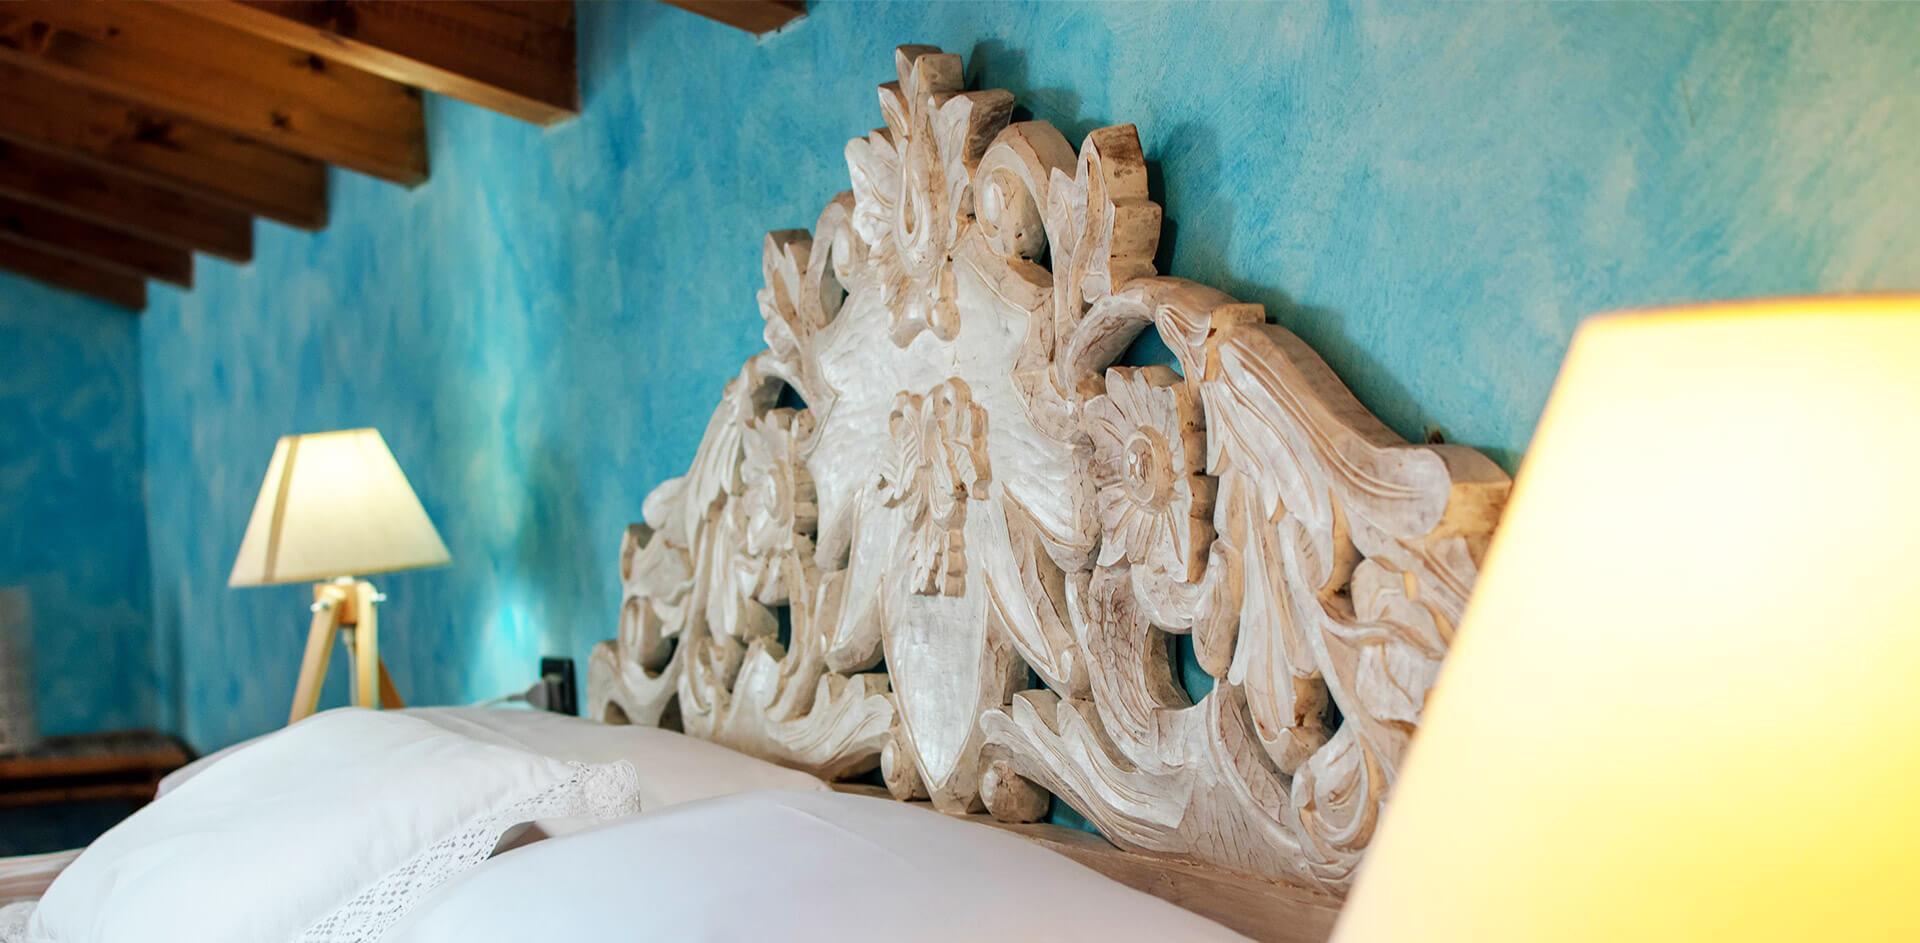 Le nostre camere sono vicine all'Aquardens, a Bussolengo. In un'oasi di pace tra campagna, lago e città. Infatti le nostre camere sono vicine a Verona centro e al Lago di Garda